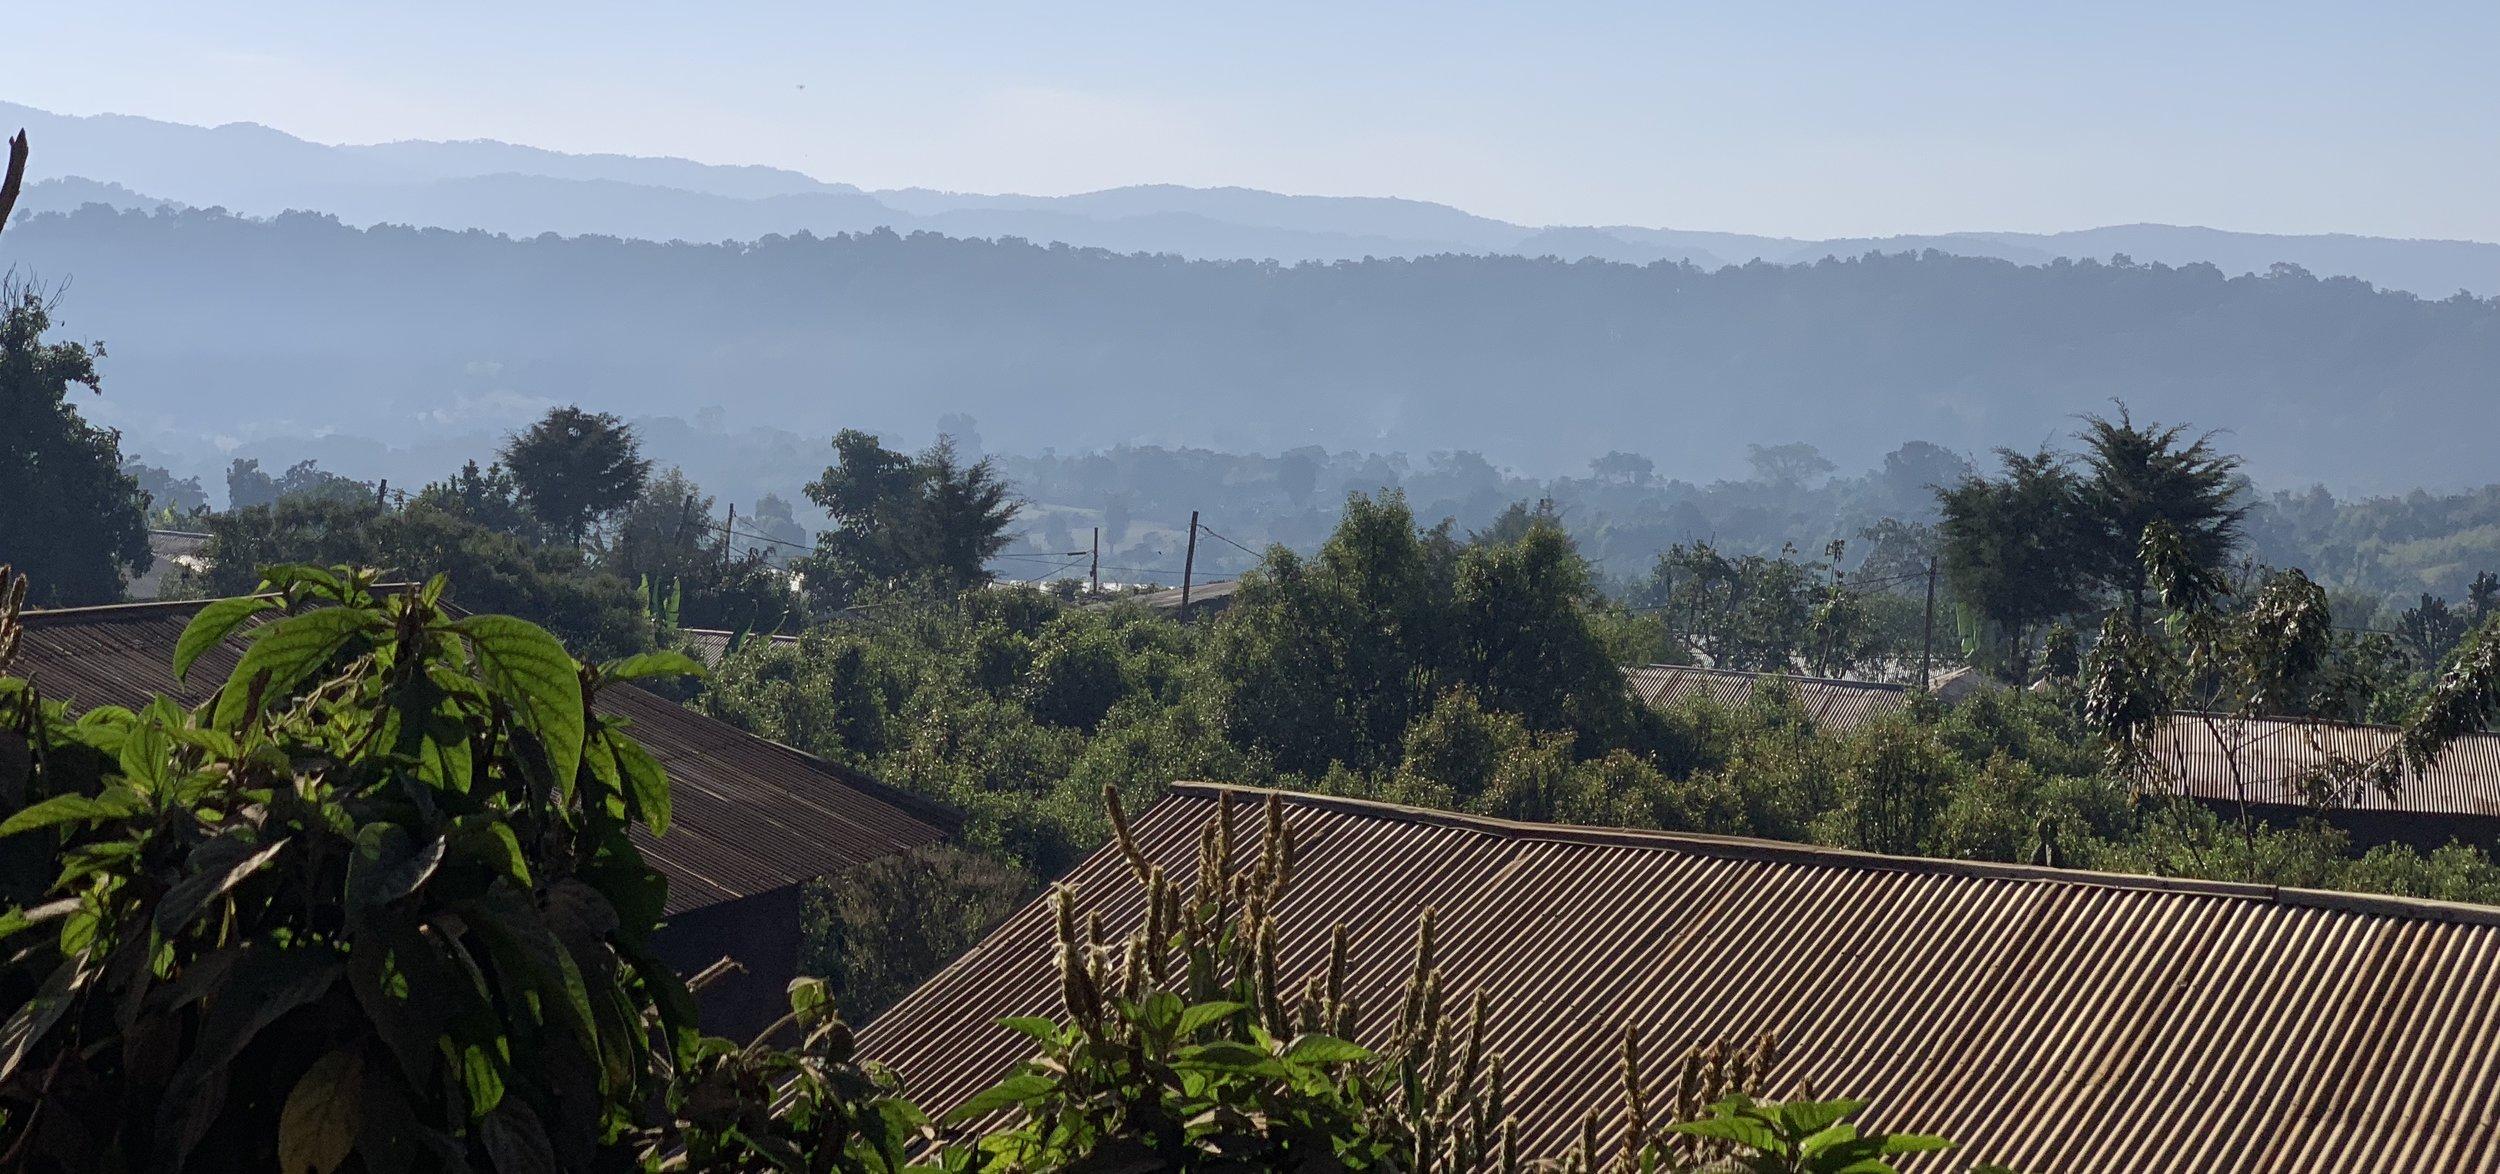 GERA FOREST - Oromia, Ethiopia